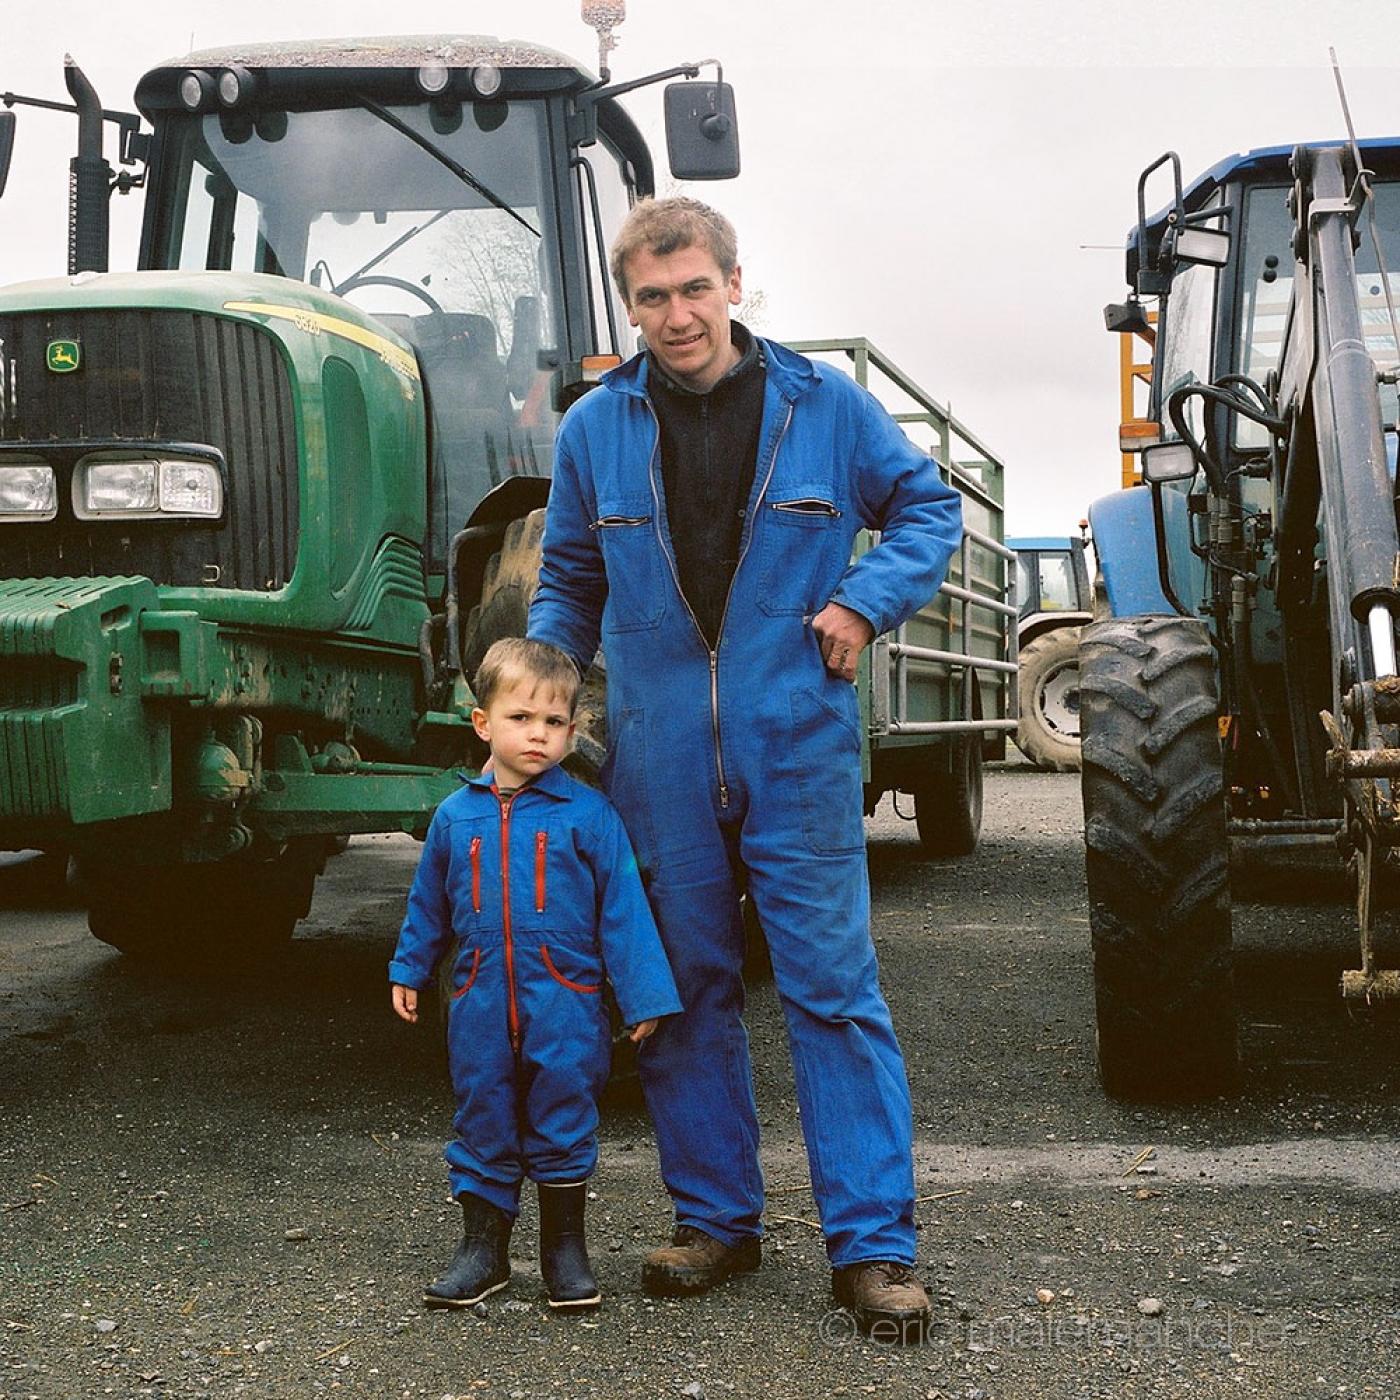 https://www.ericmalemanche.com/imagess/topics/les-bretons-de-l-argoat/liste/portraits-de-bretons-agriculteurs.jpg